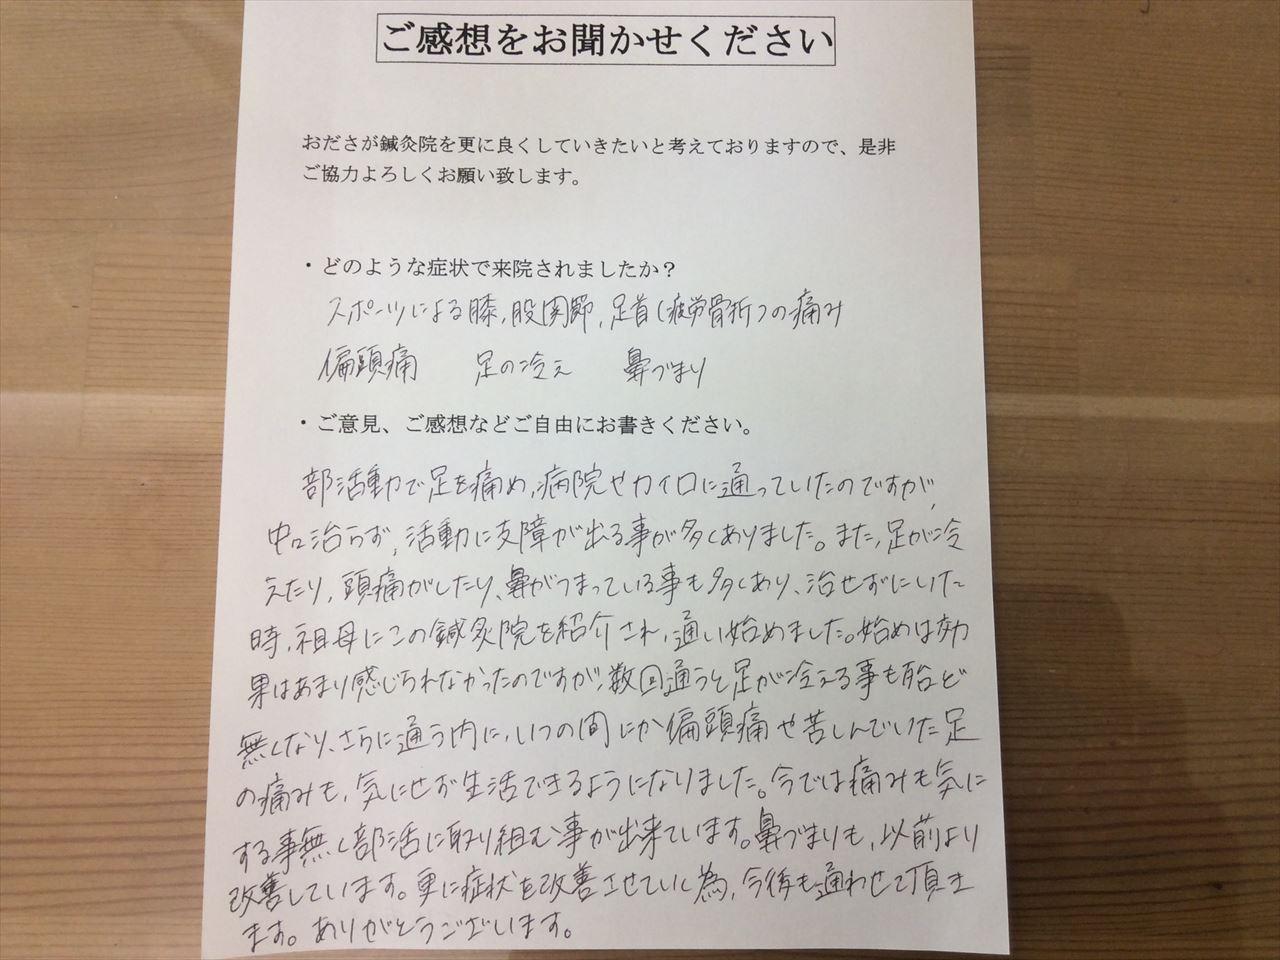 患者からの 手書手紙 JC スポーツ障害 バトミントンによる 節々の痛み